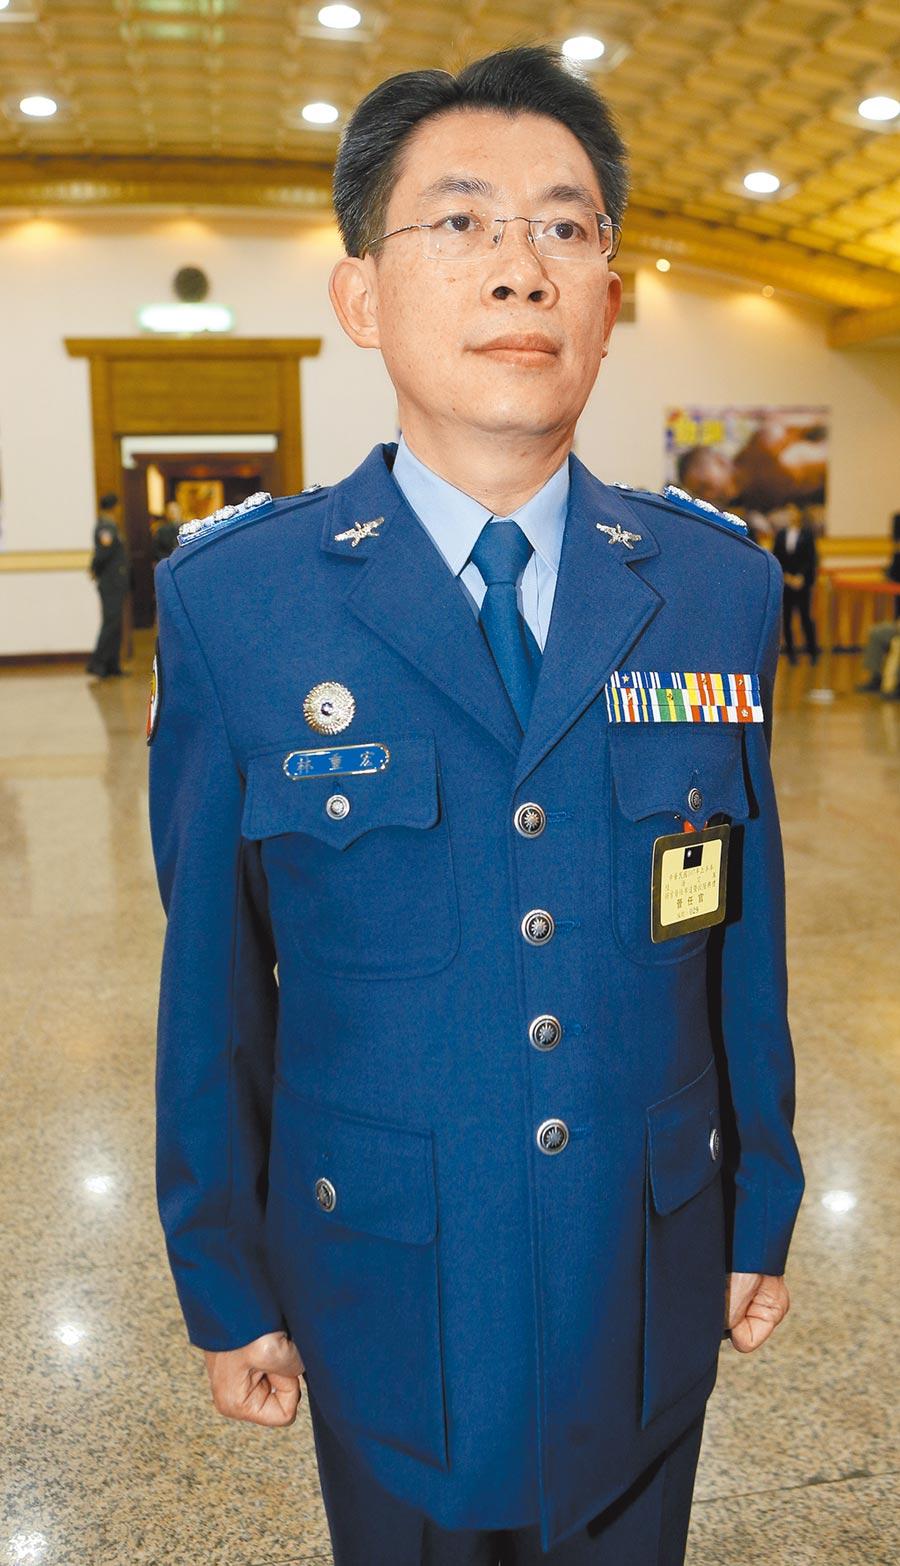 空軍前少將聯隊長林重宏,傳Line給女性部屬稱「愛妃、愛妾、寶貝蛋」、「我整夜沒睡,親一個來」,並有不當肢體碰觸,懲戒法院第一審判他降1級改敘。可上訴。(本報資料照片)